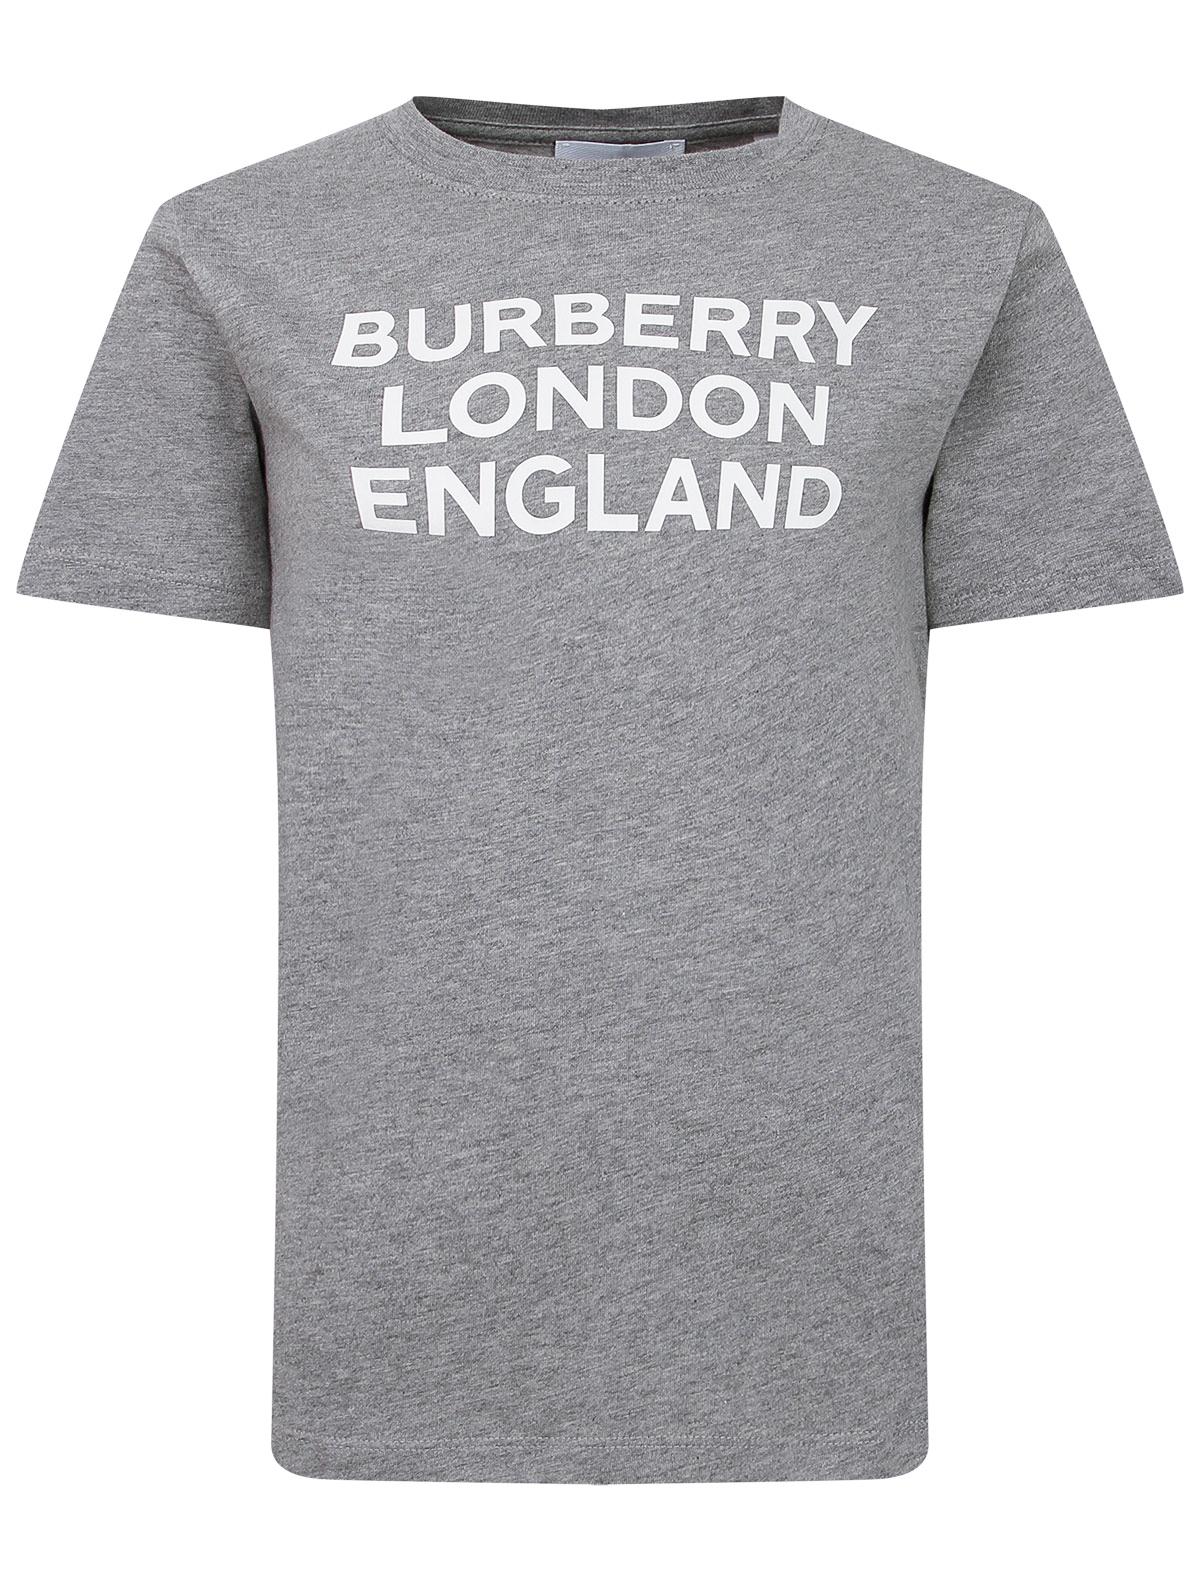 Купить 2289803, Футболка Burberry, серый, 1134529174474